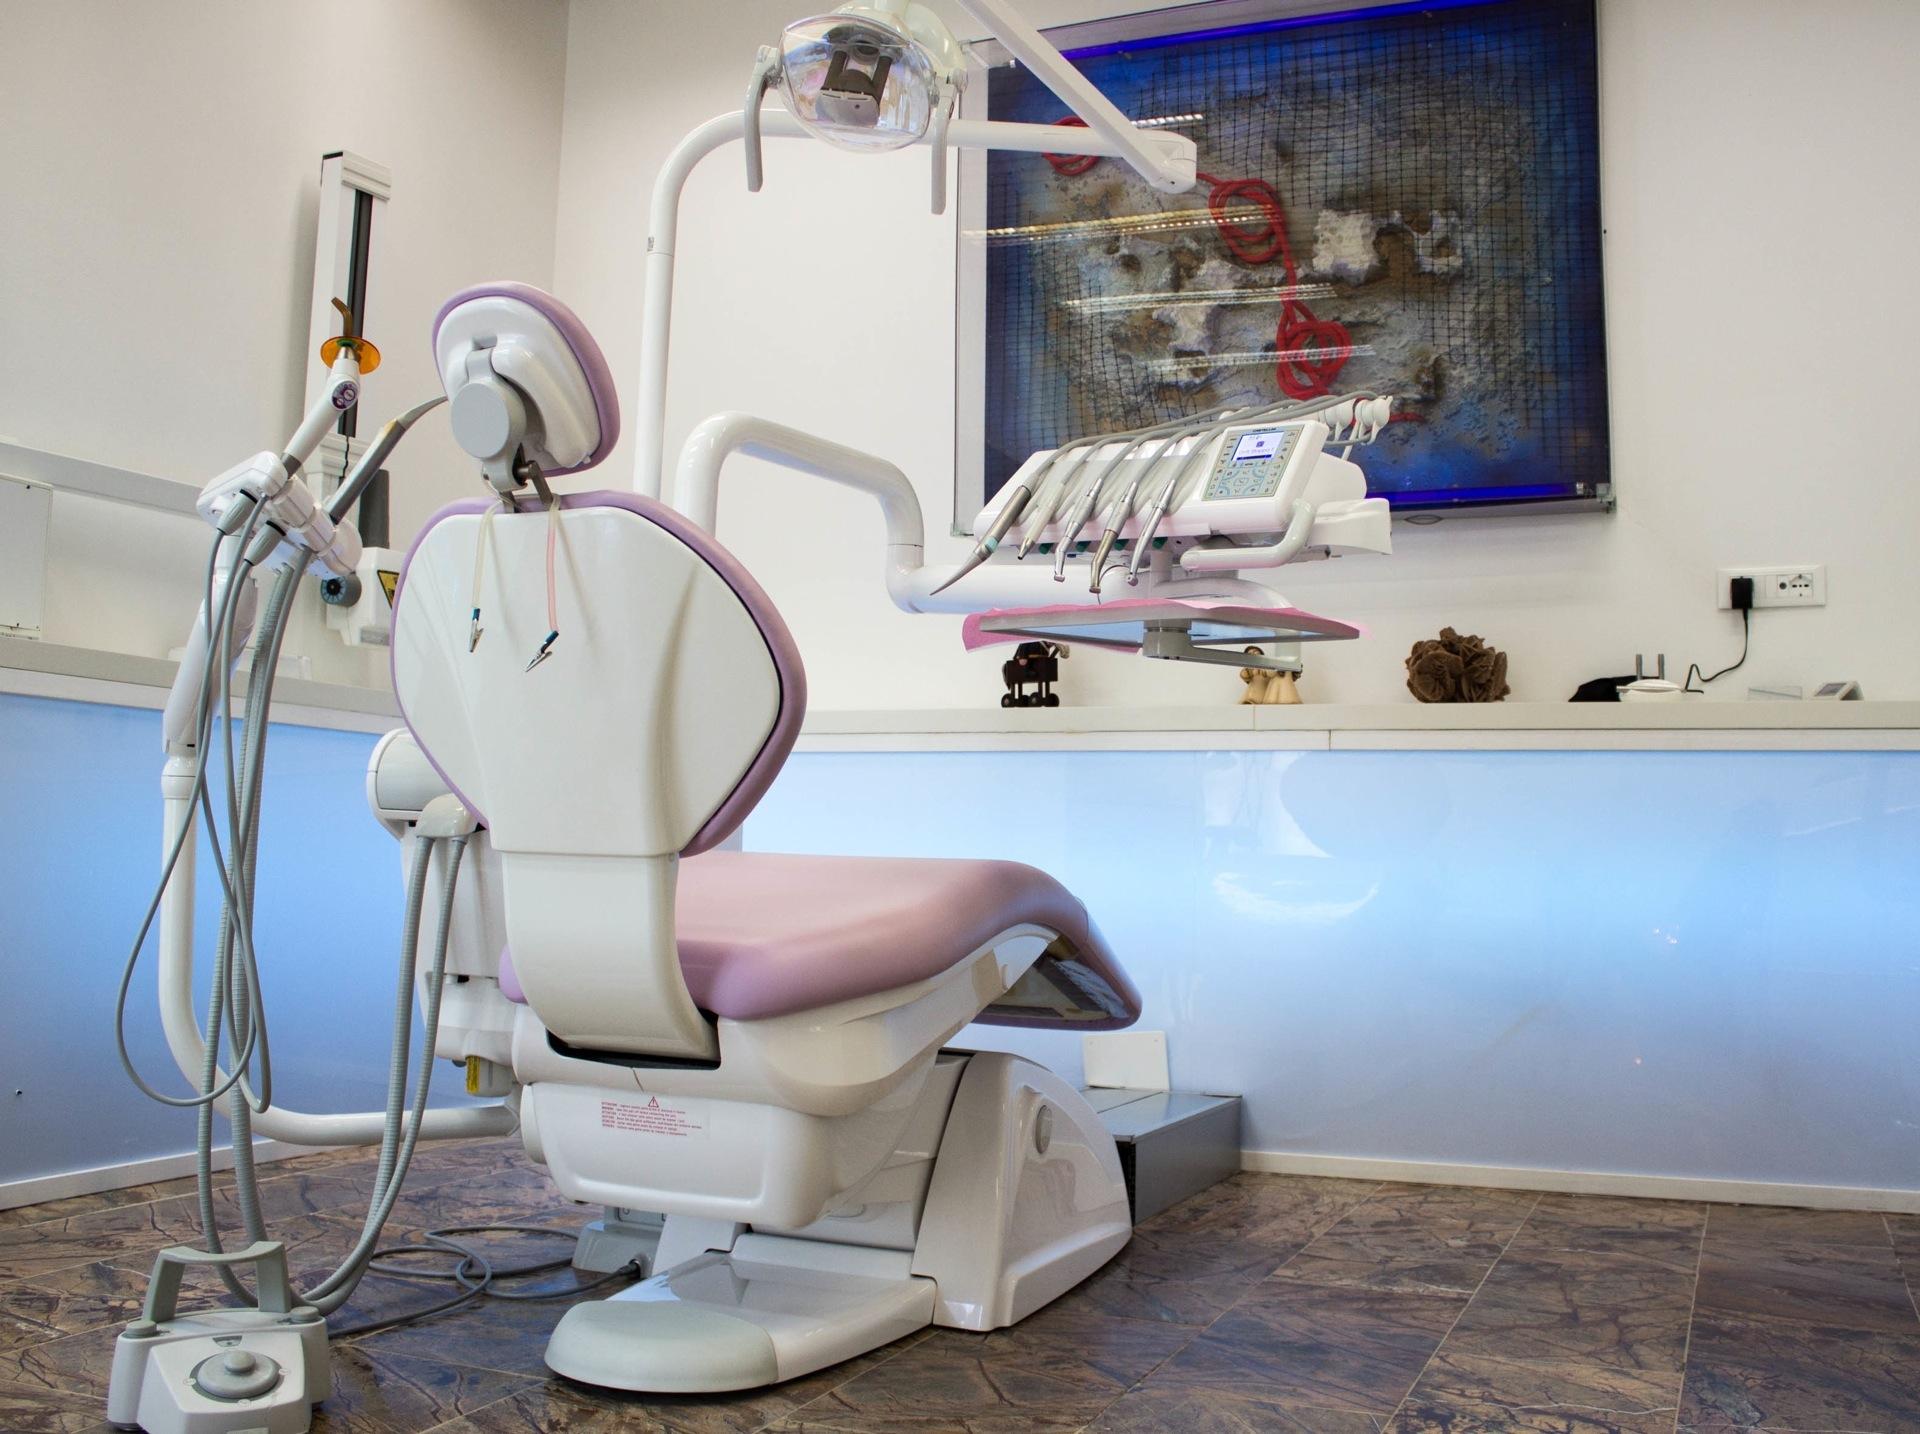 I servizi dello studio dentistico Athesis nella sede di Villa Carrer a Porto Viro